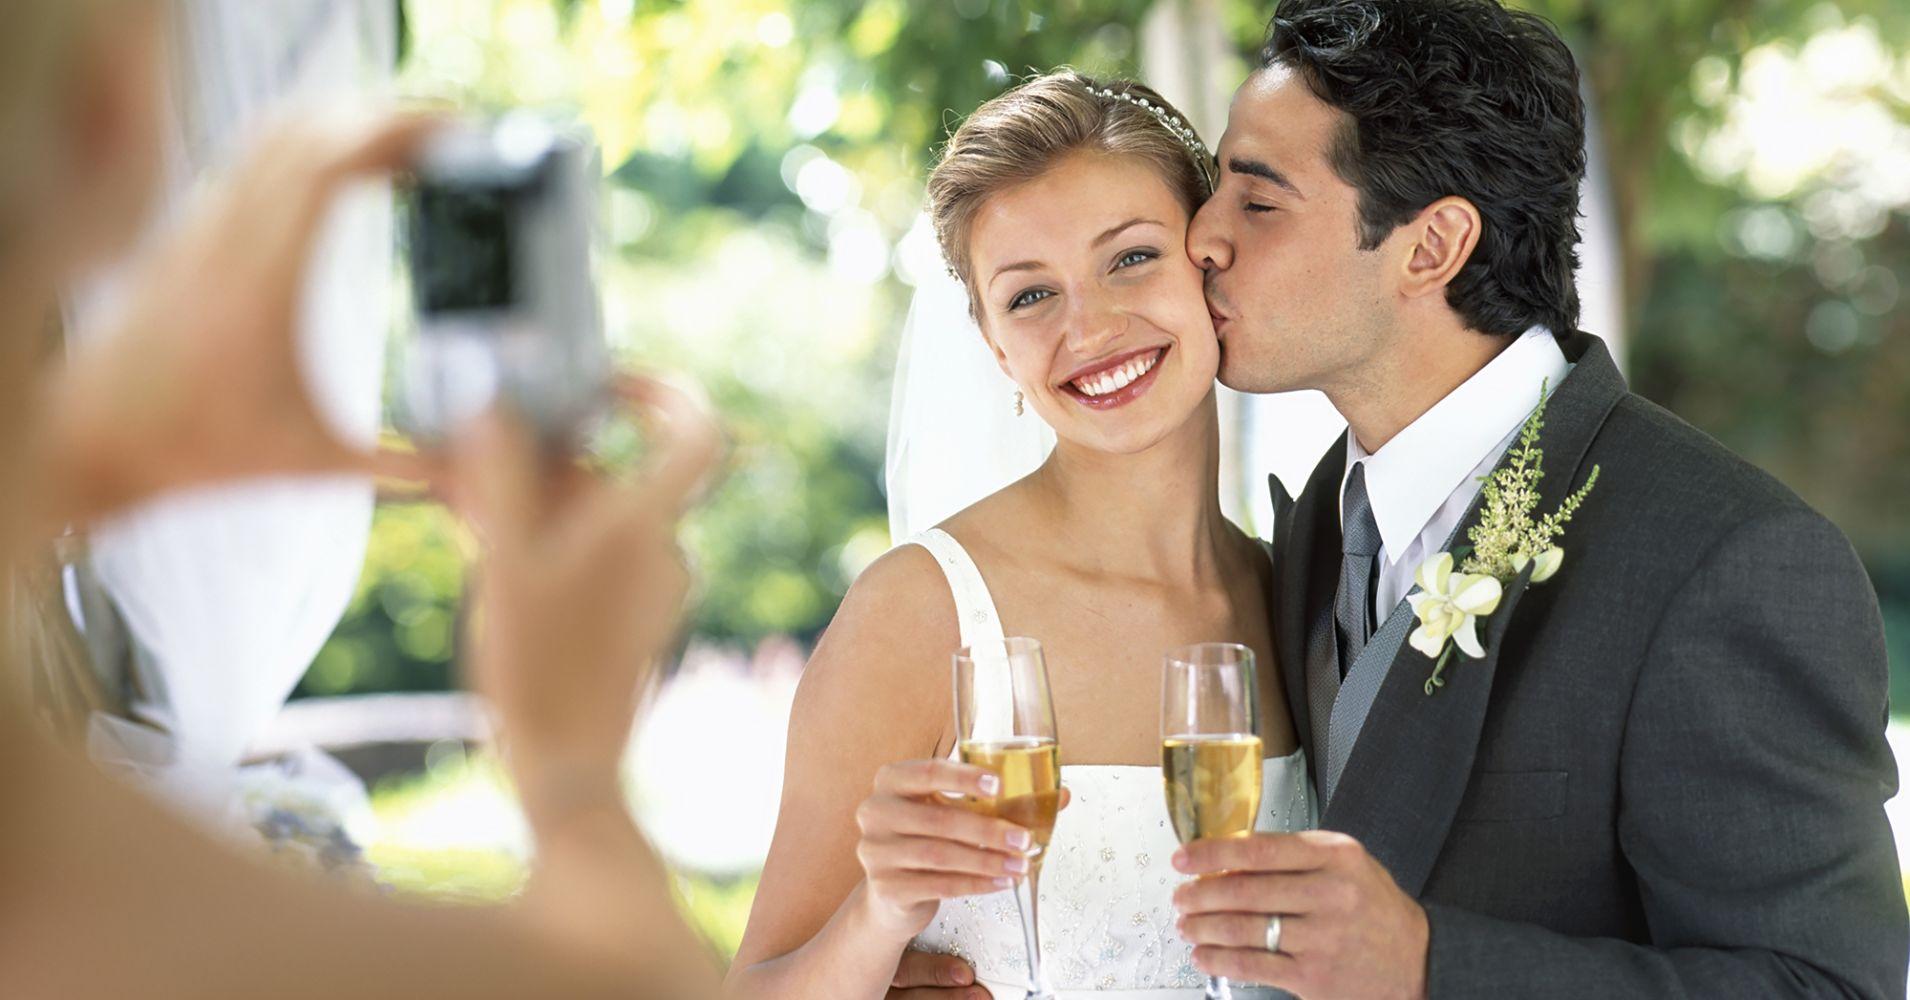 Fotografia de nuntă mai mult decât o poză